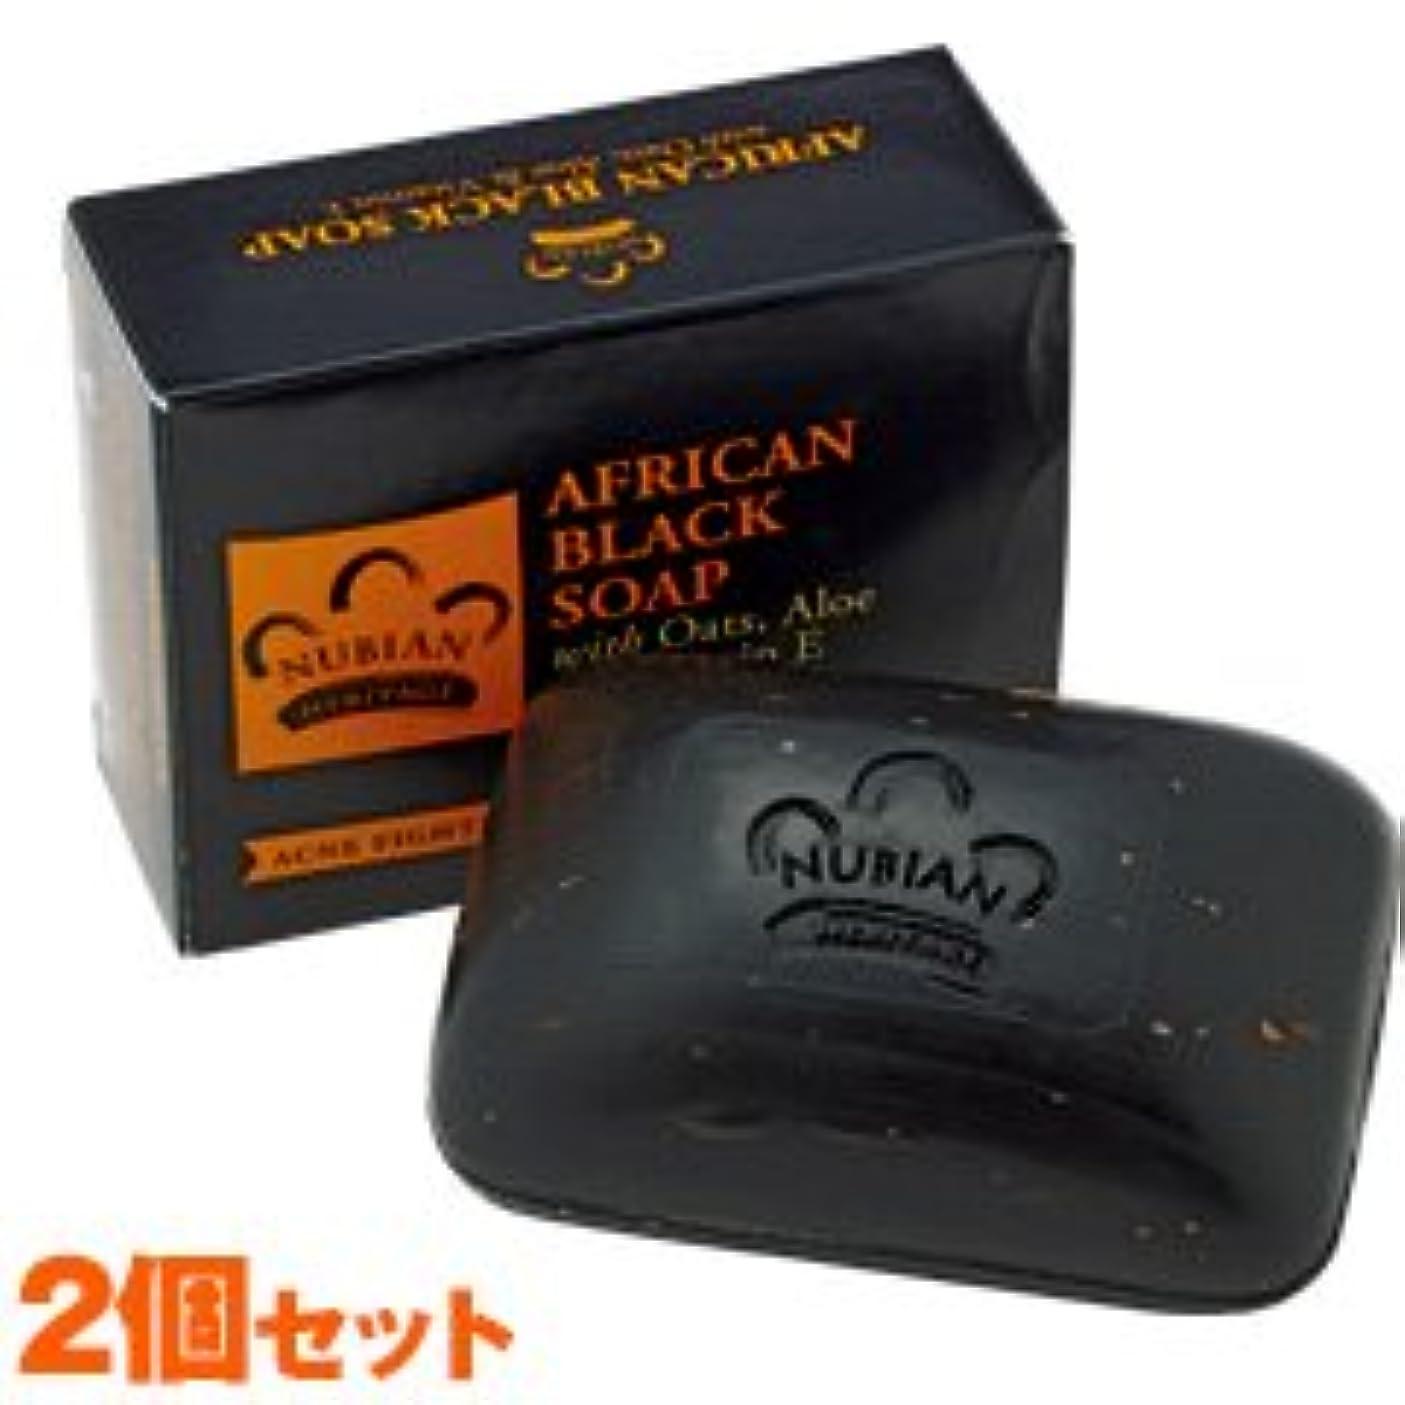 ヒップセッション感性ヌビアン ヘリテージ(NUBIAN HERITAGE)アフリカン ブラック ソープバー 2個セット 141gX2[並行輸入品][海外直送品]